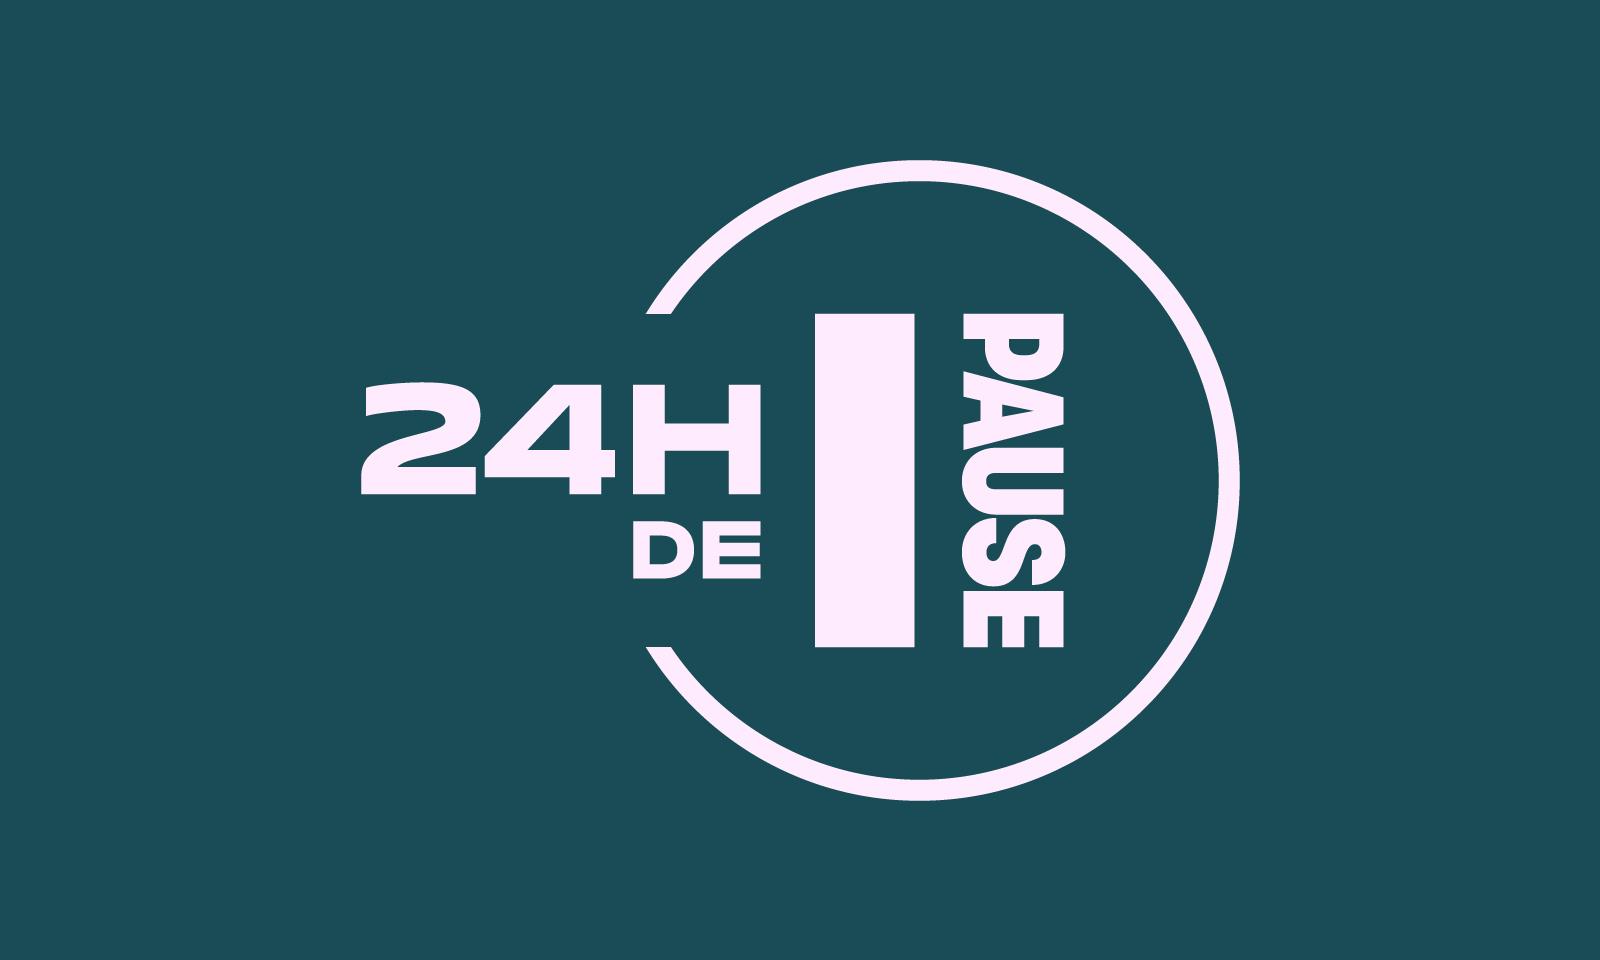 Le deuxième 24h de PAUSE: un défi de déconnexion populaire!